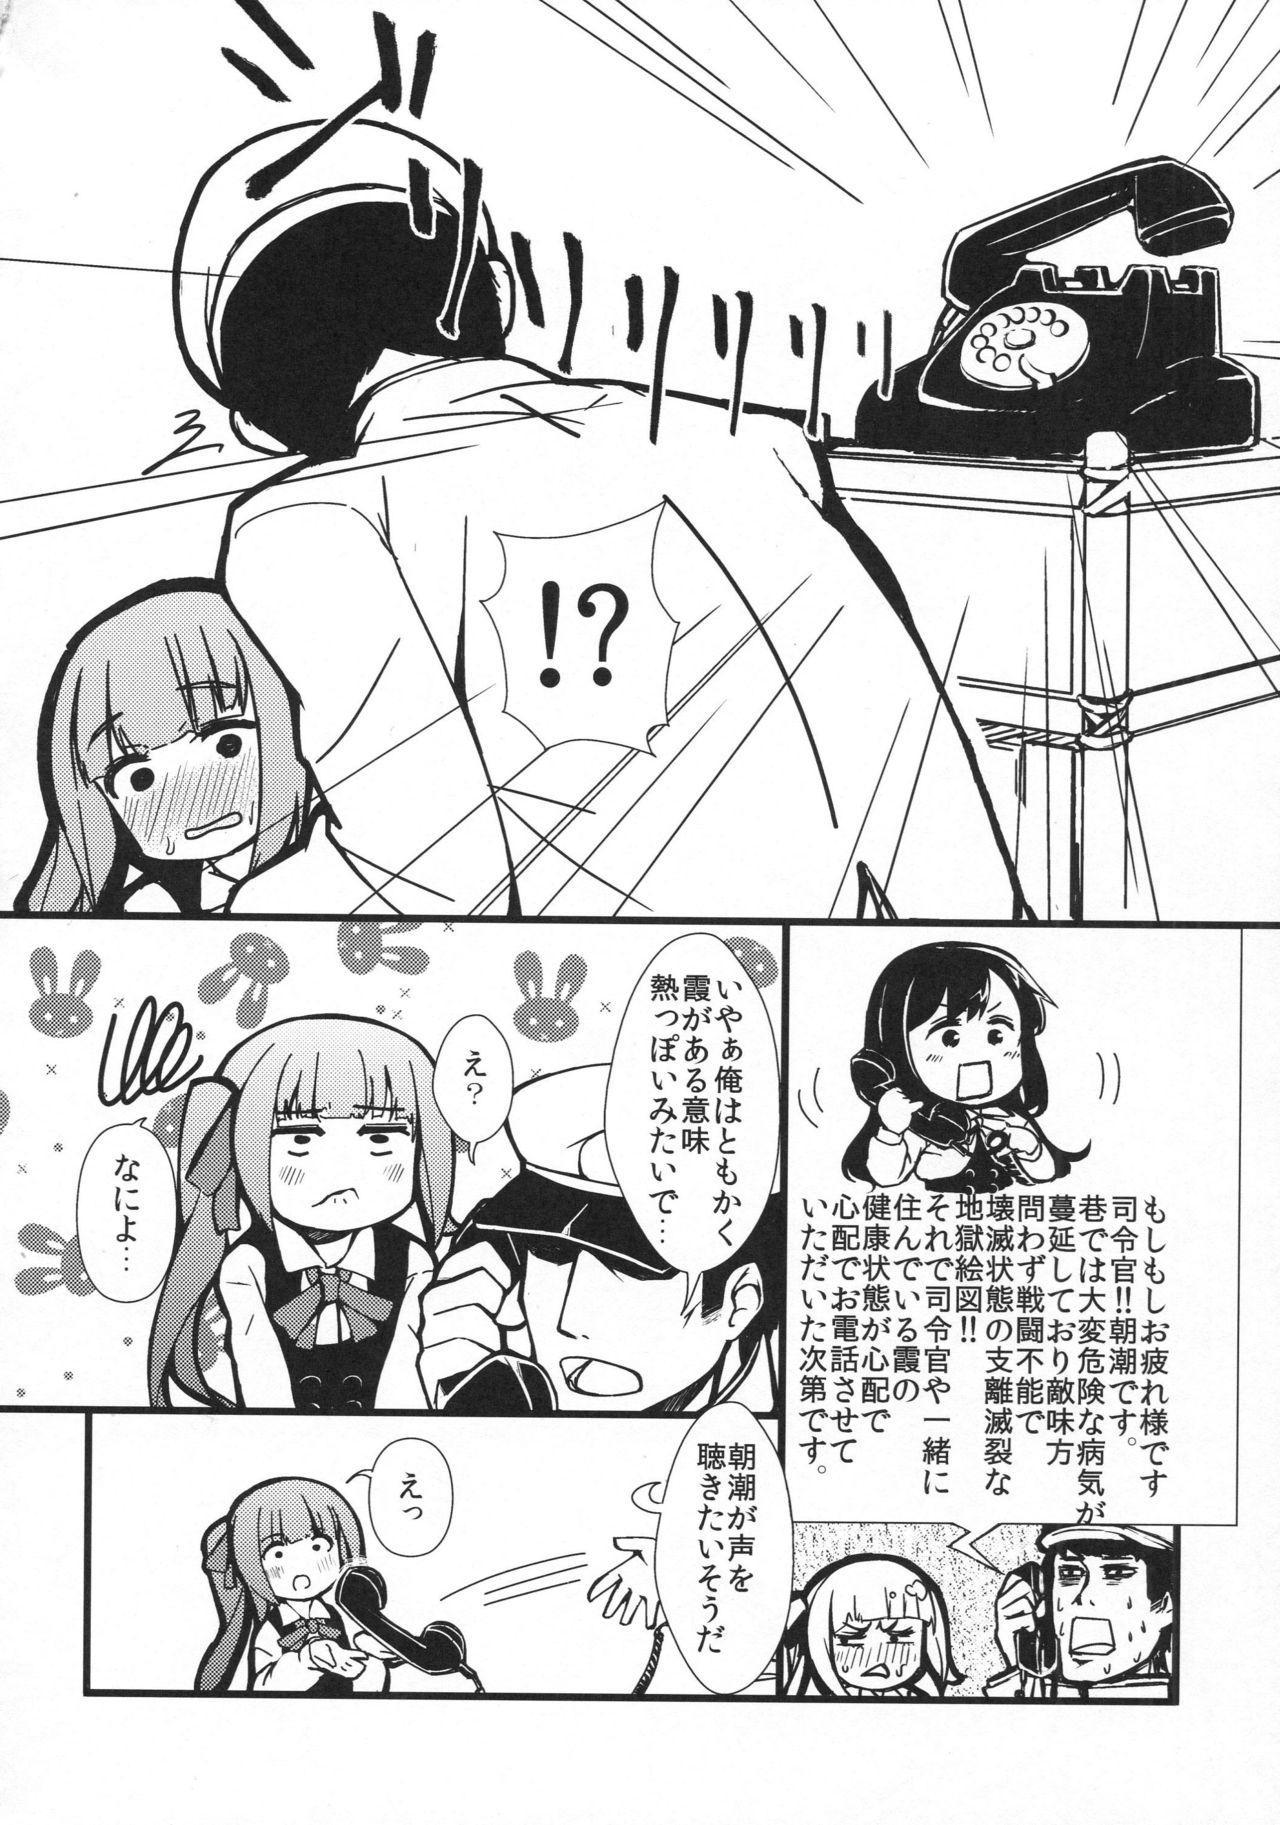 Kasumi to Sukebe shitai 12